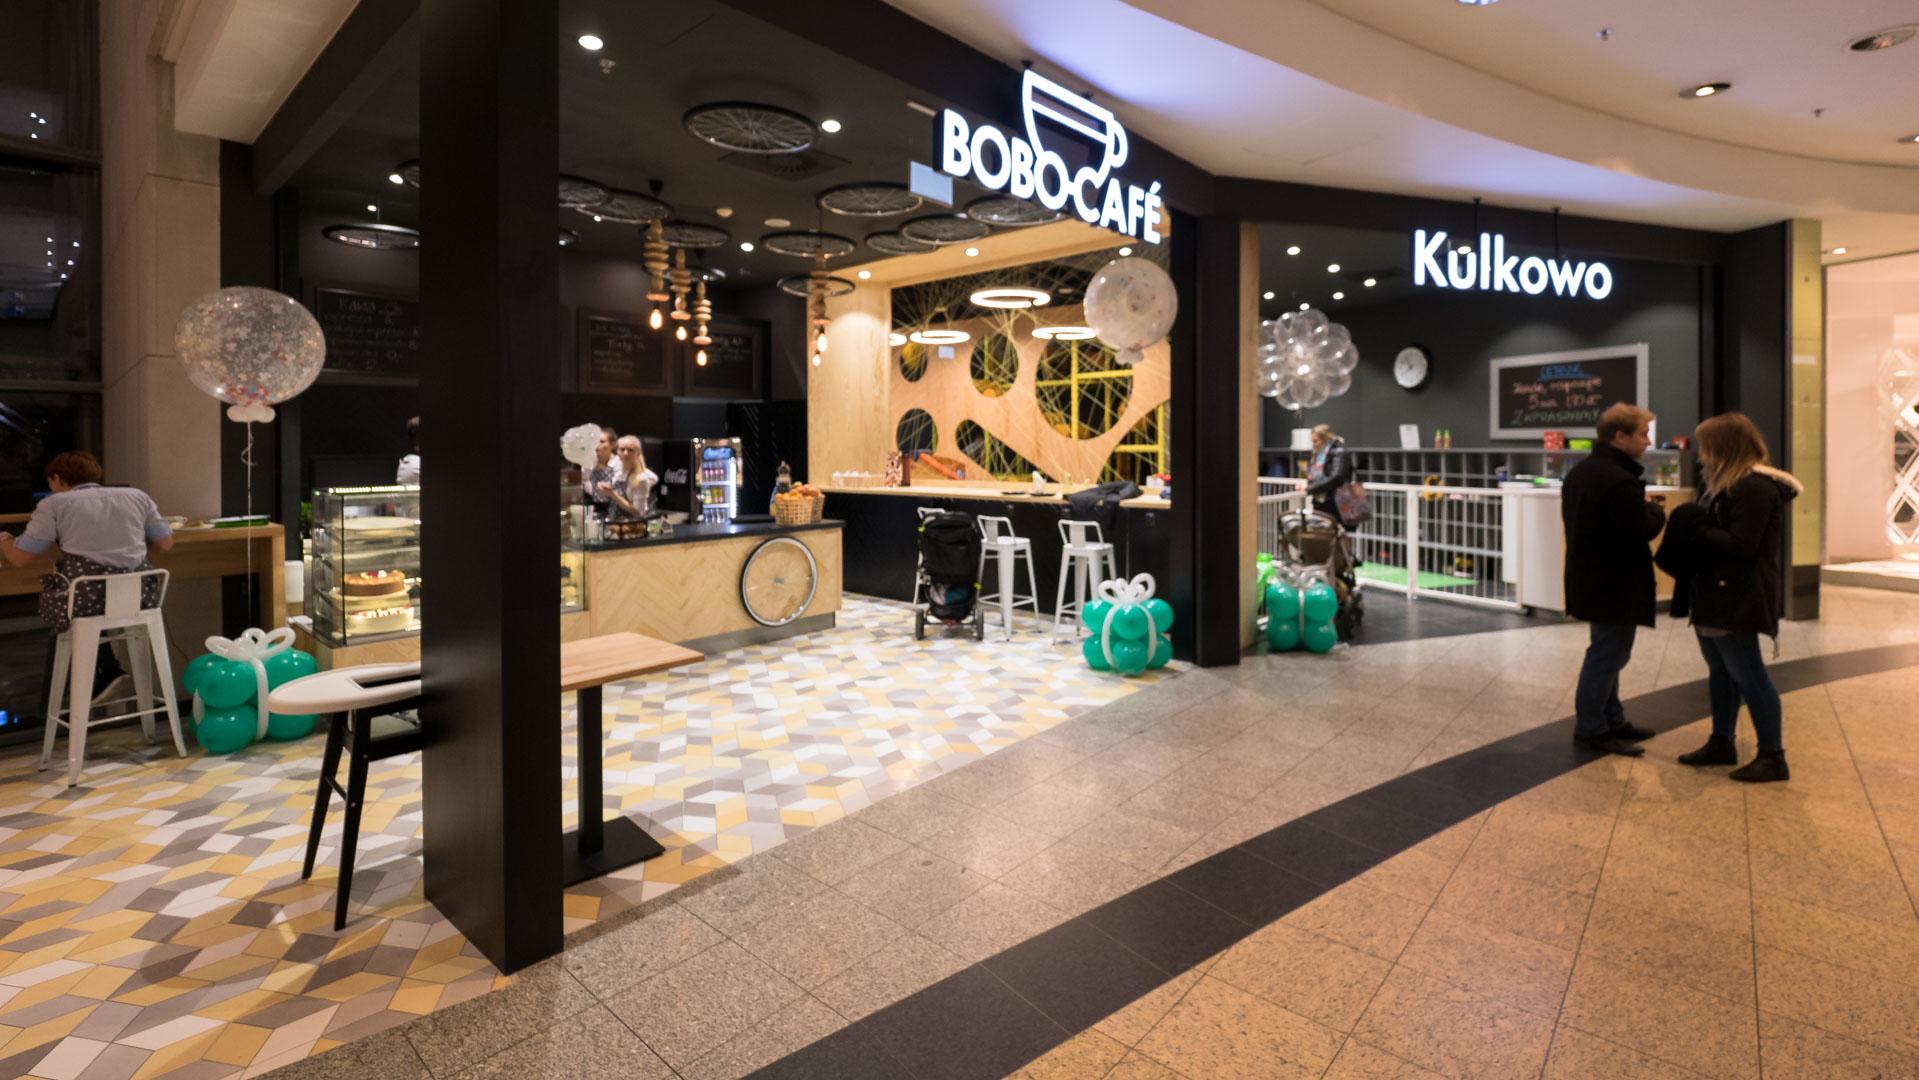 KC Kulkowo Bobo Cafe kamil konarski anna tasarz konarskitasarz_pl-12